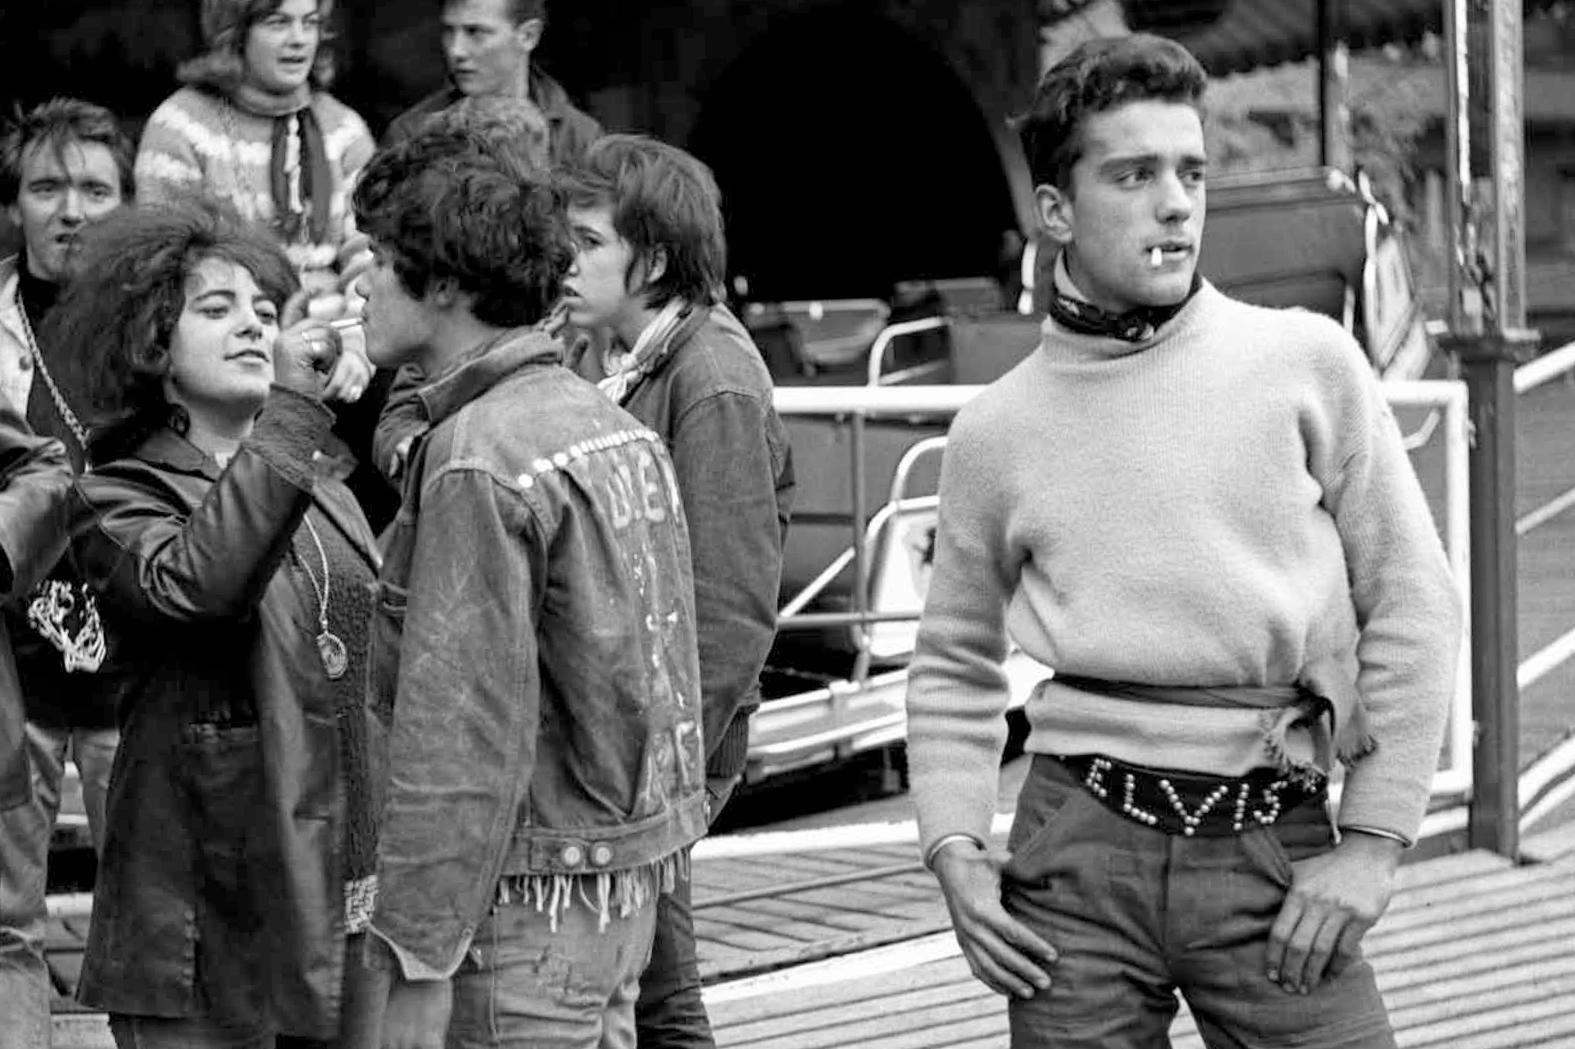 1950s 60s Counterculture Beatniks